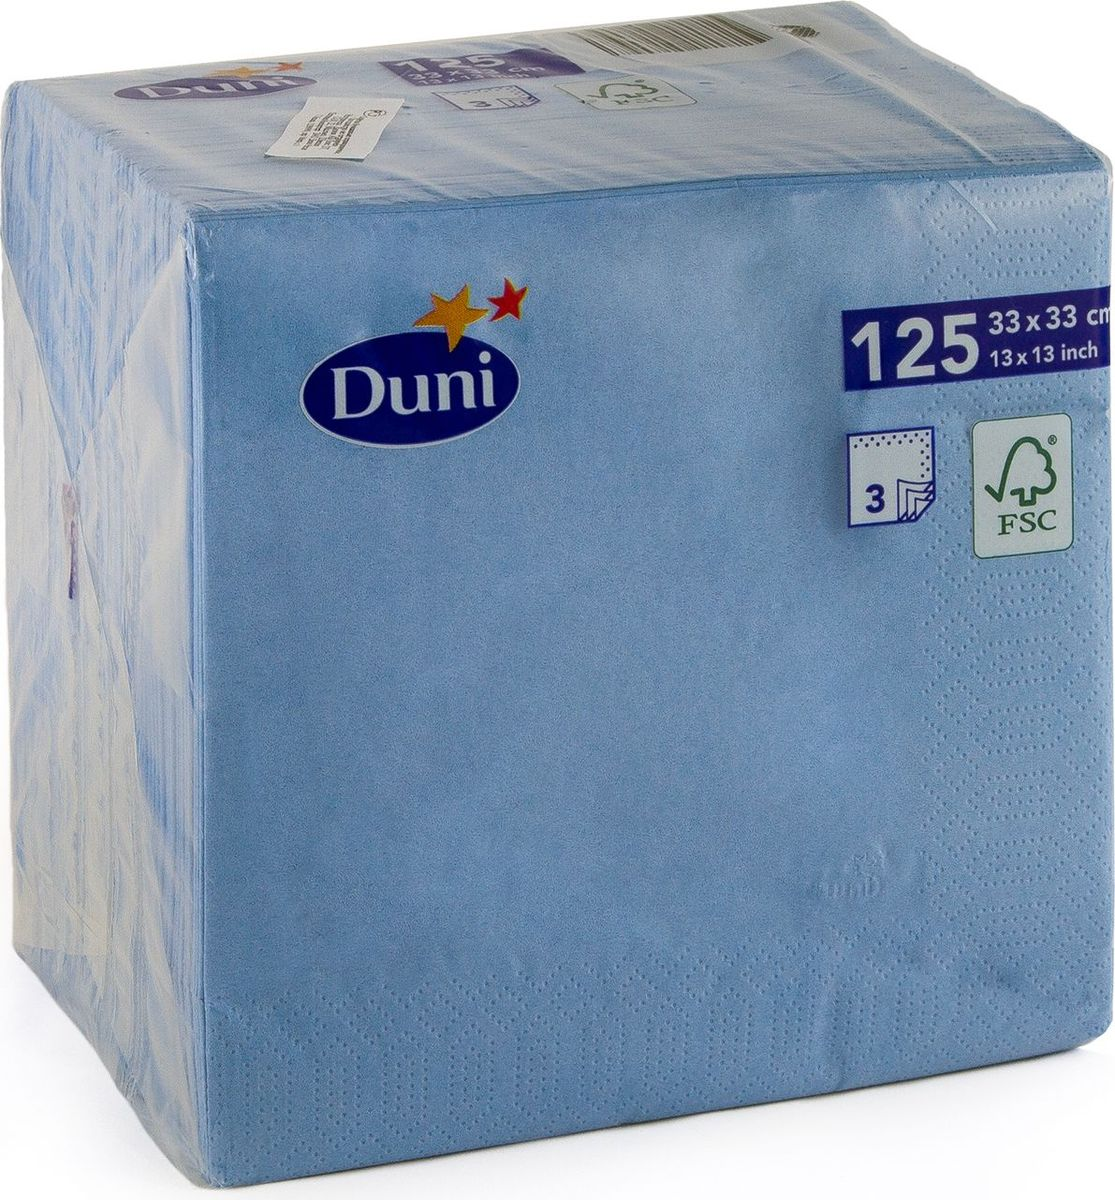 Салфетки бумажные Duni, 3-слойные, цвет: голубой, 33 х 33 см бумажные салфетки duni салфетки бумажные 3 слойные 33 х 33 см белые 20 шт